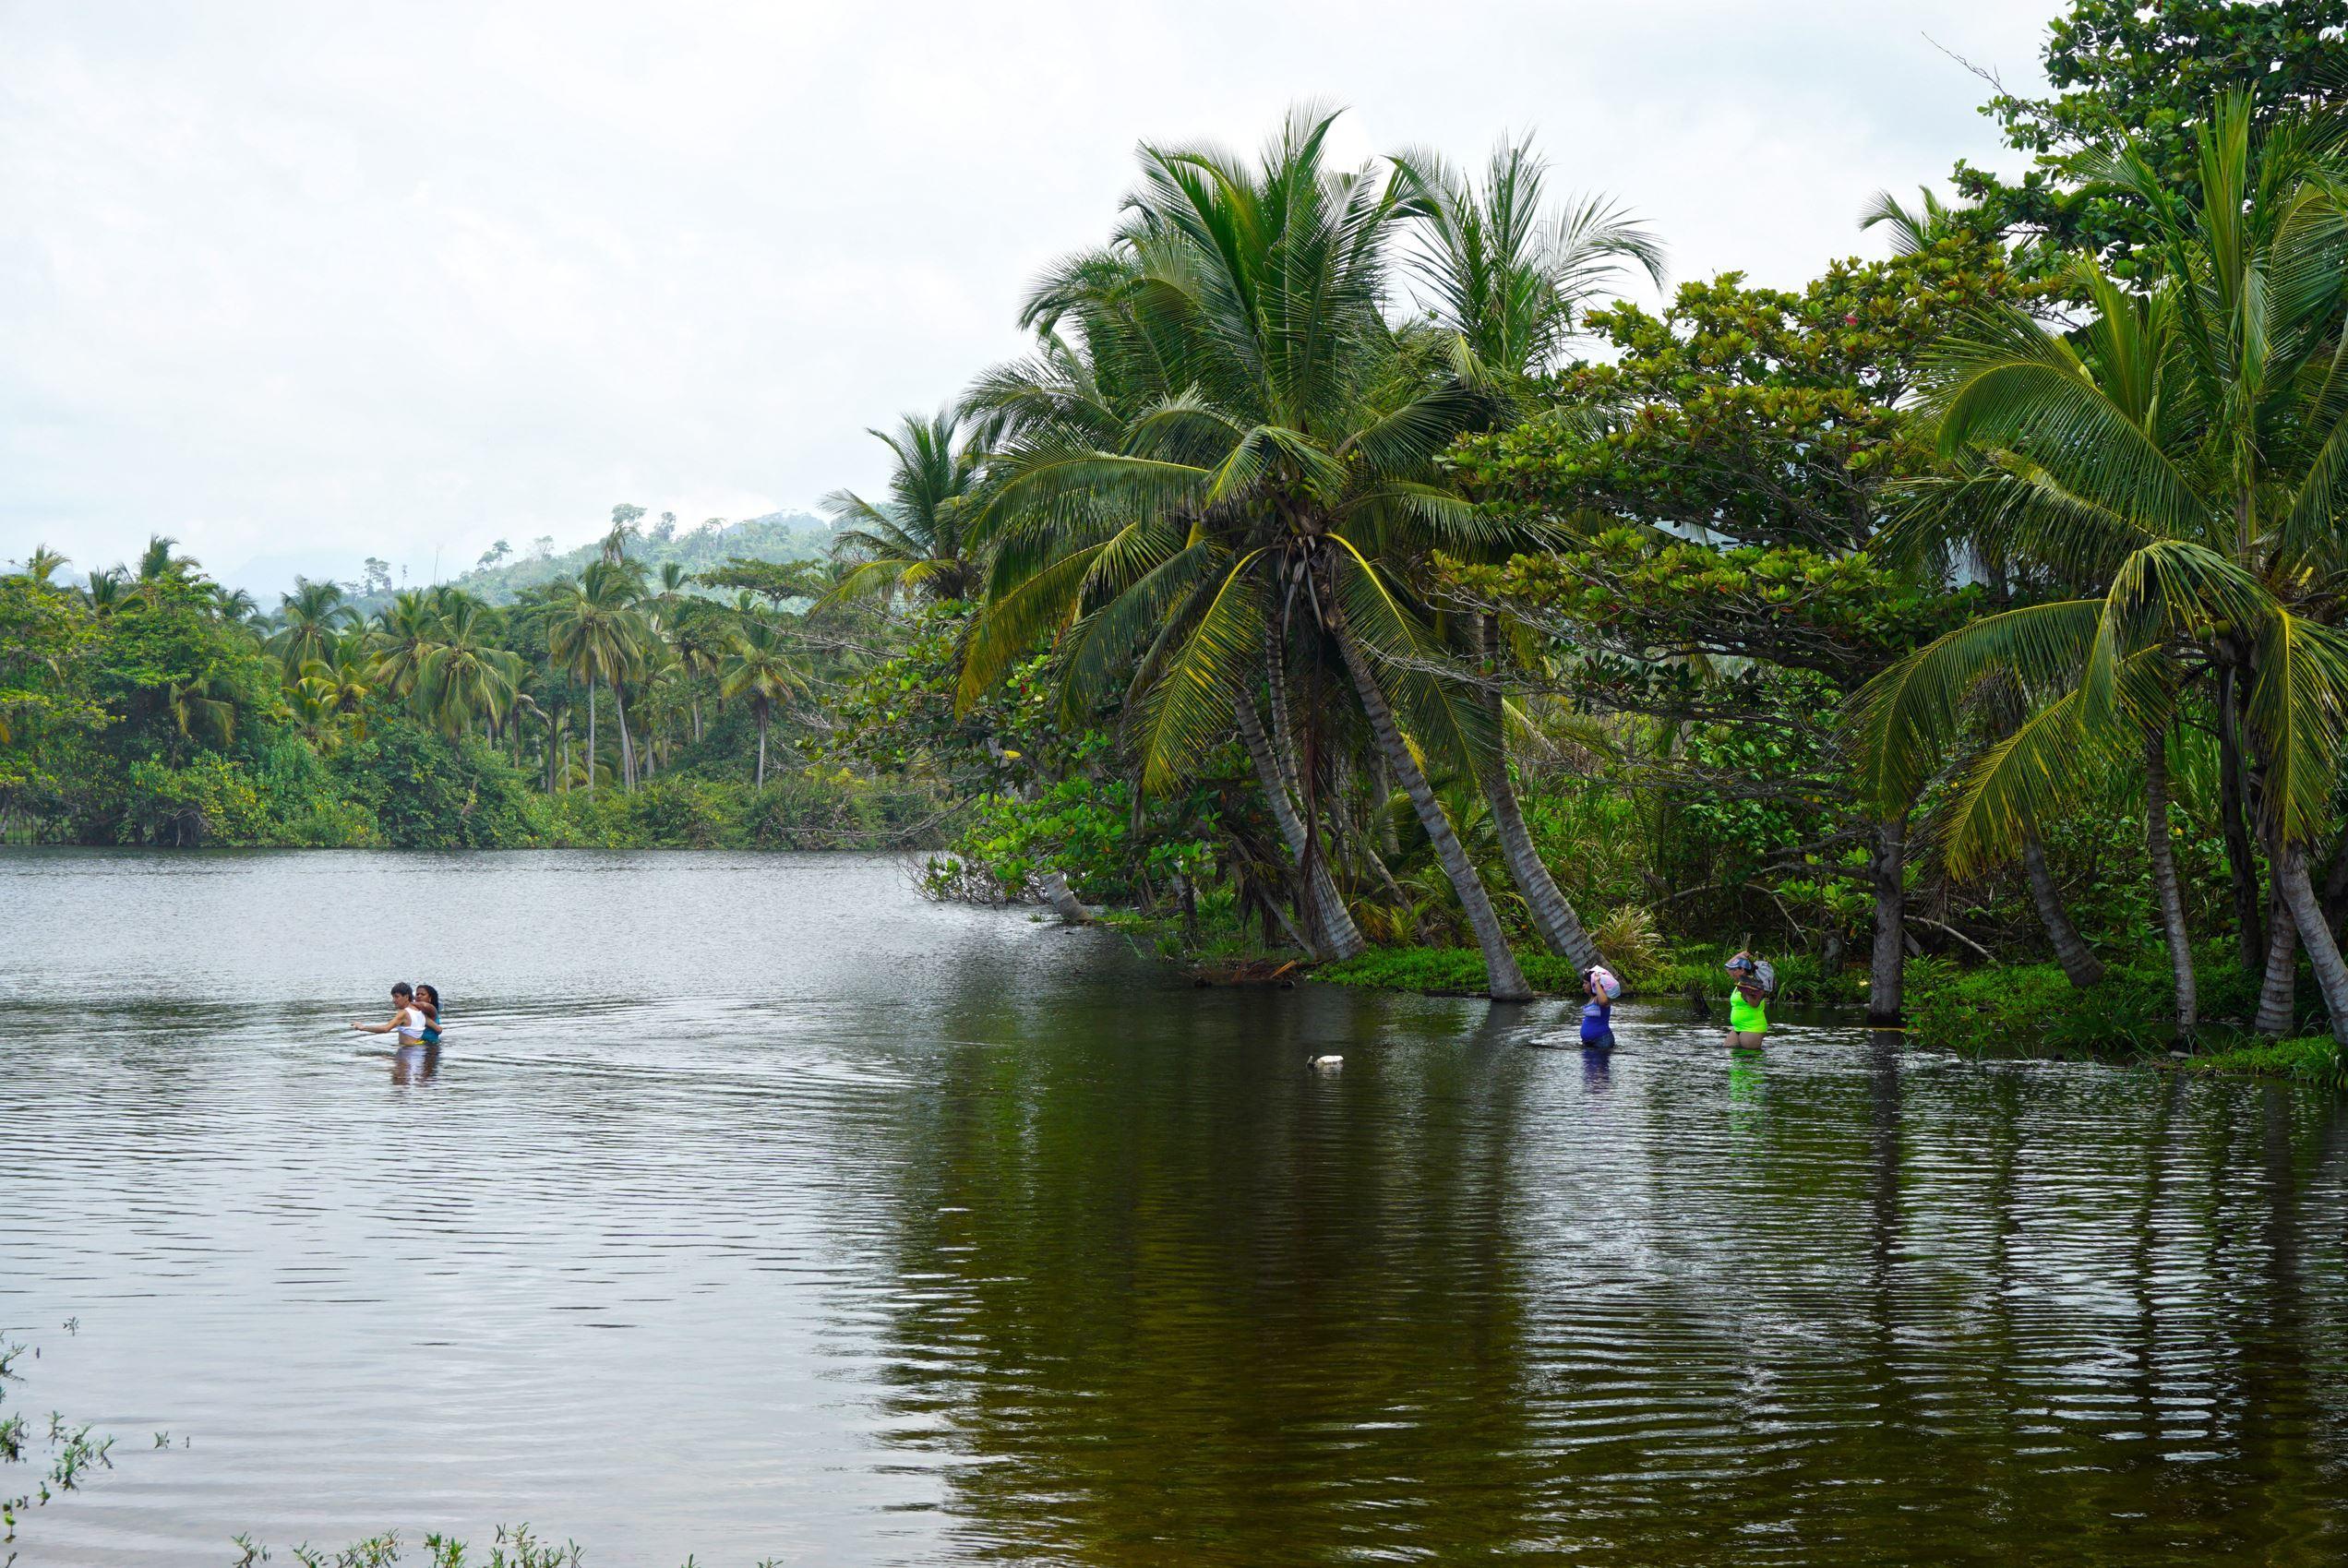 Rieka Mendiguaca ktorá sa vlieva do Karibského mora